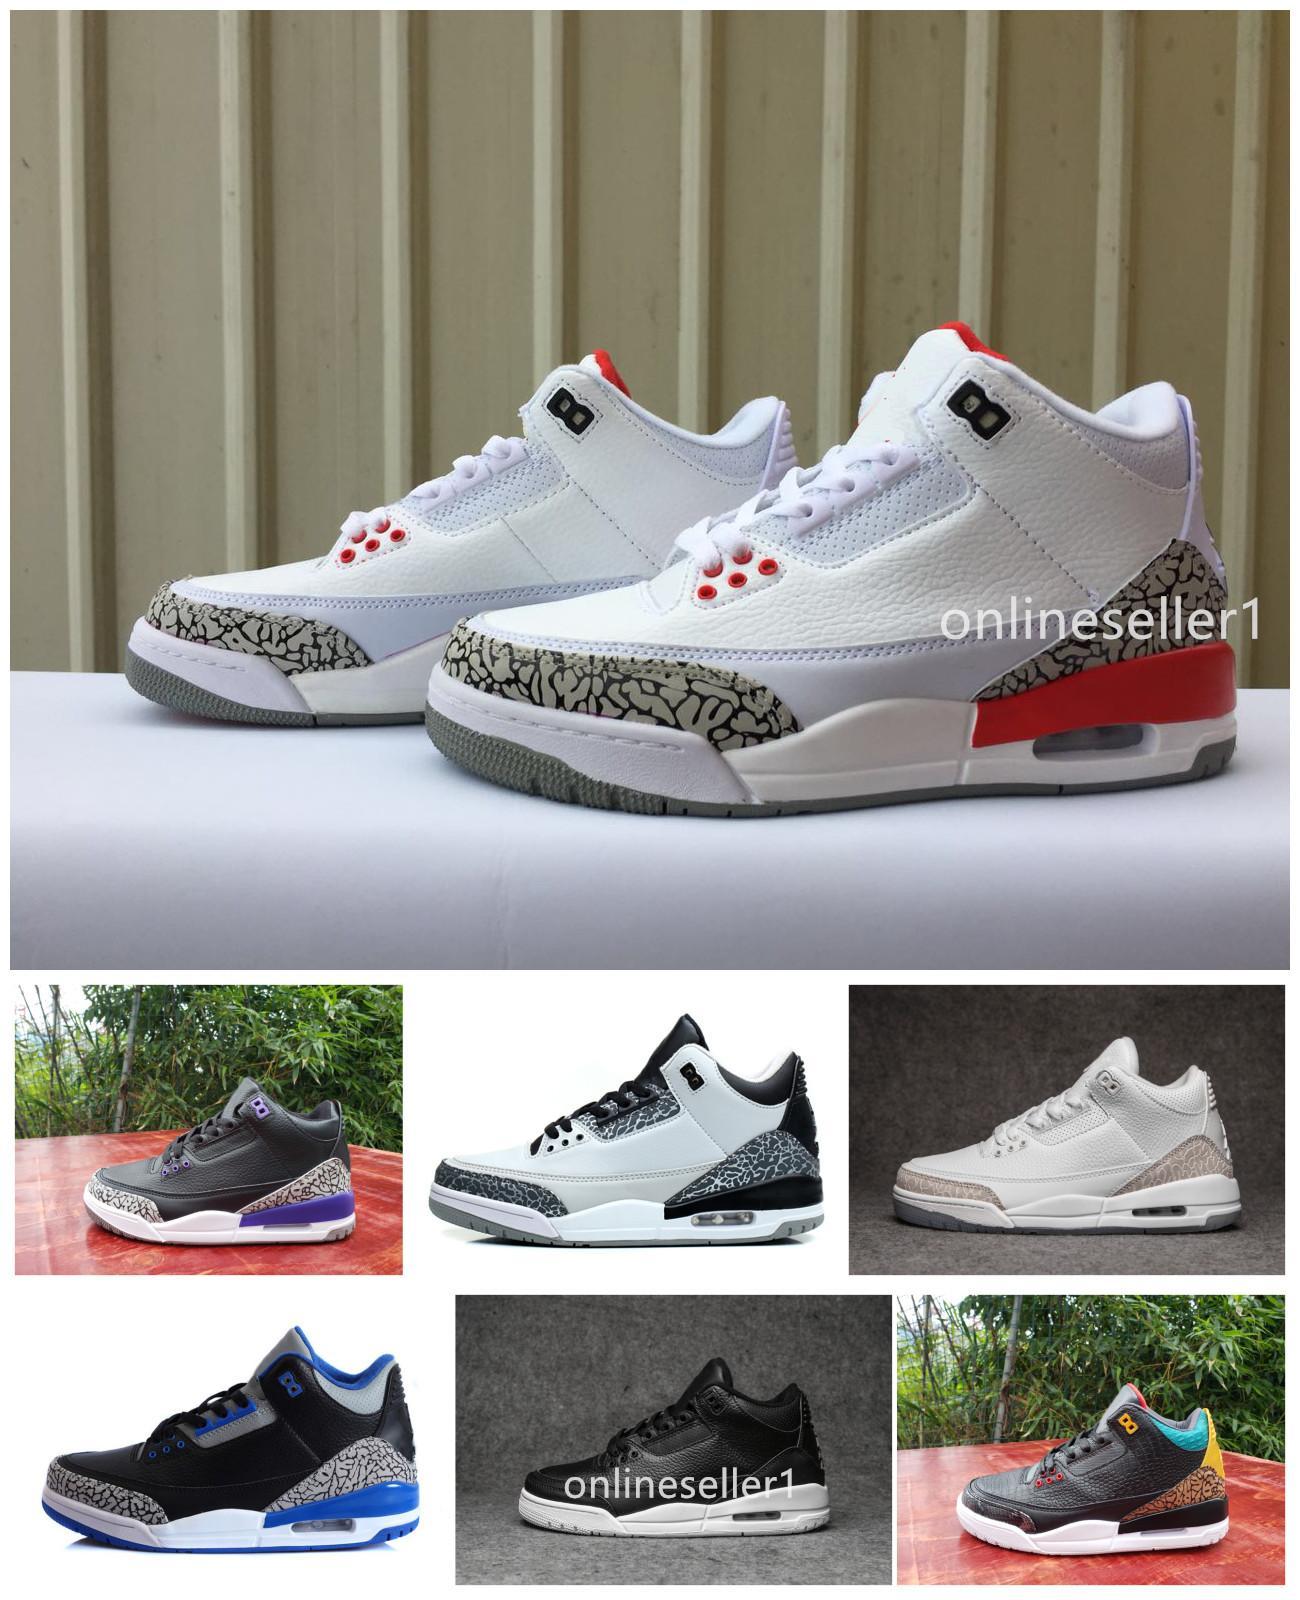 New 3s Basketball Shoes Men Designer